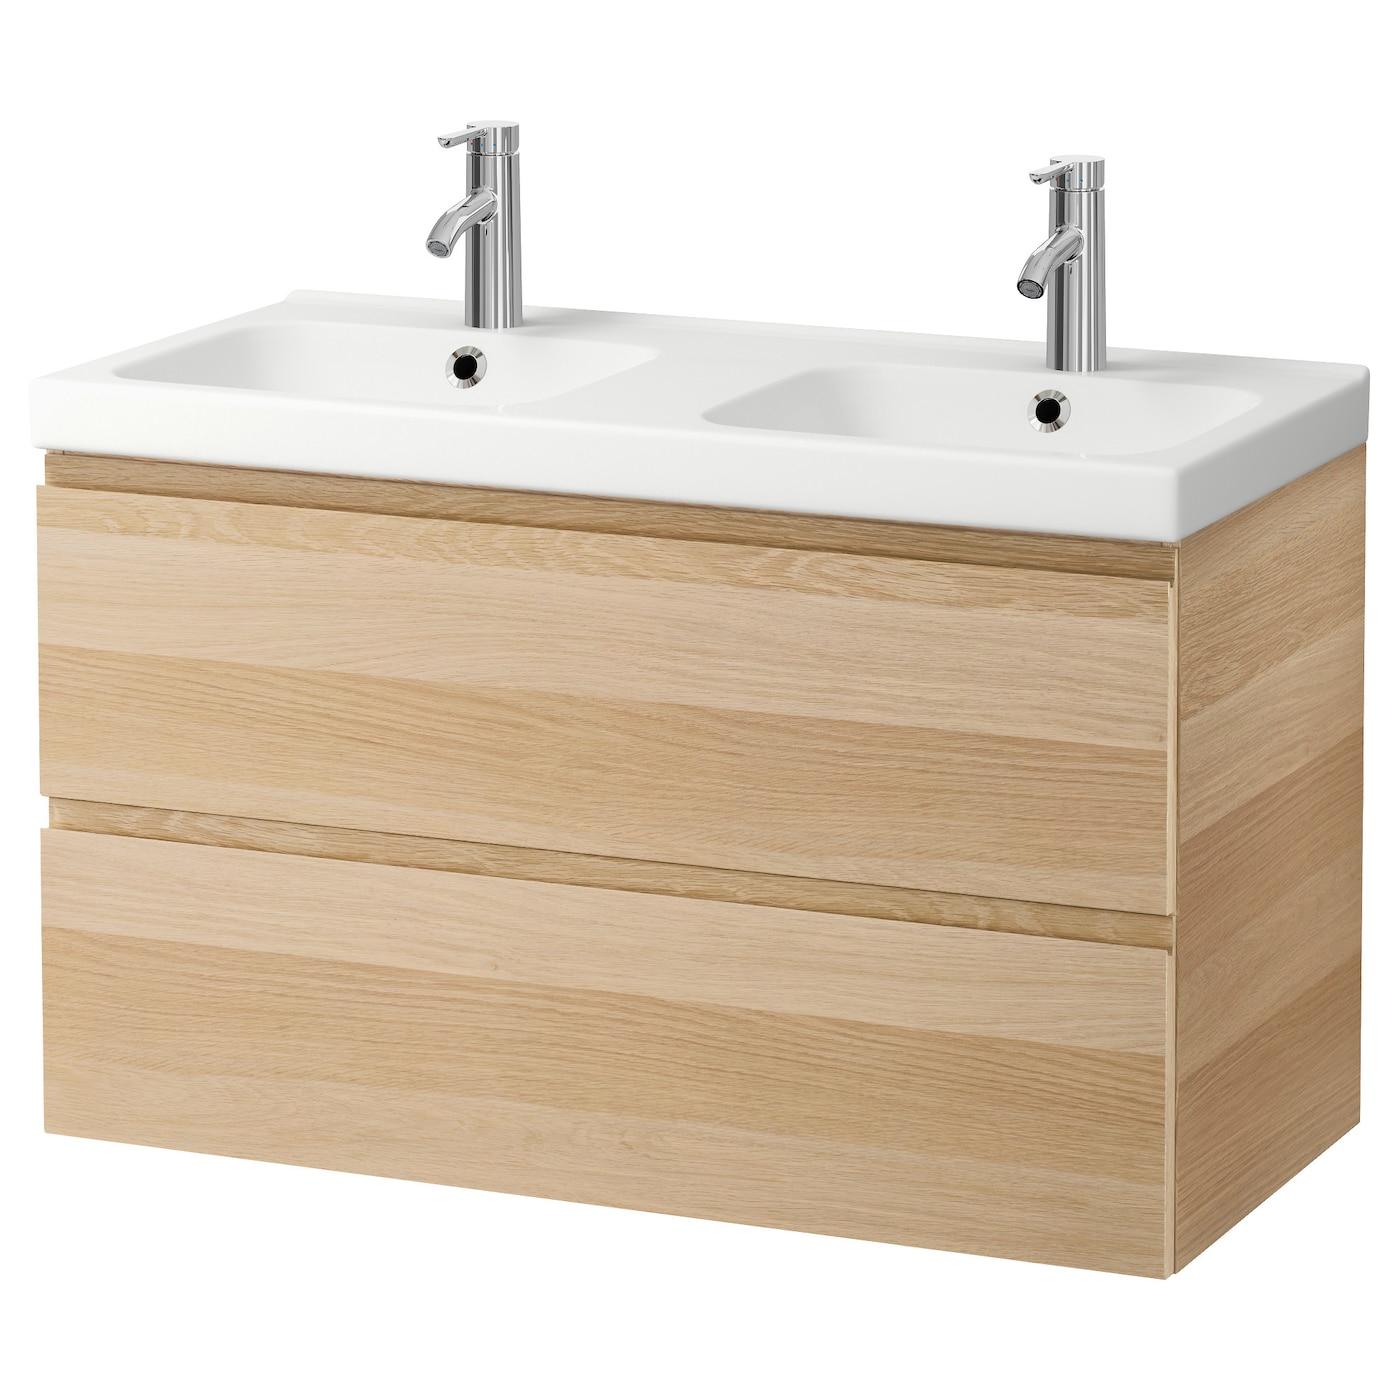 Odensvik godmorgon meuble lavabo 2tir effet ch ne blanchi for Lavabo plus meuble